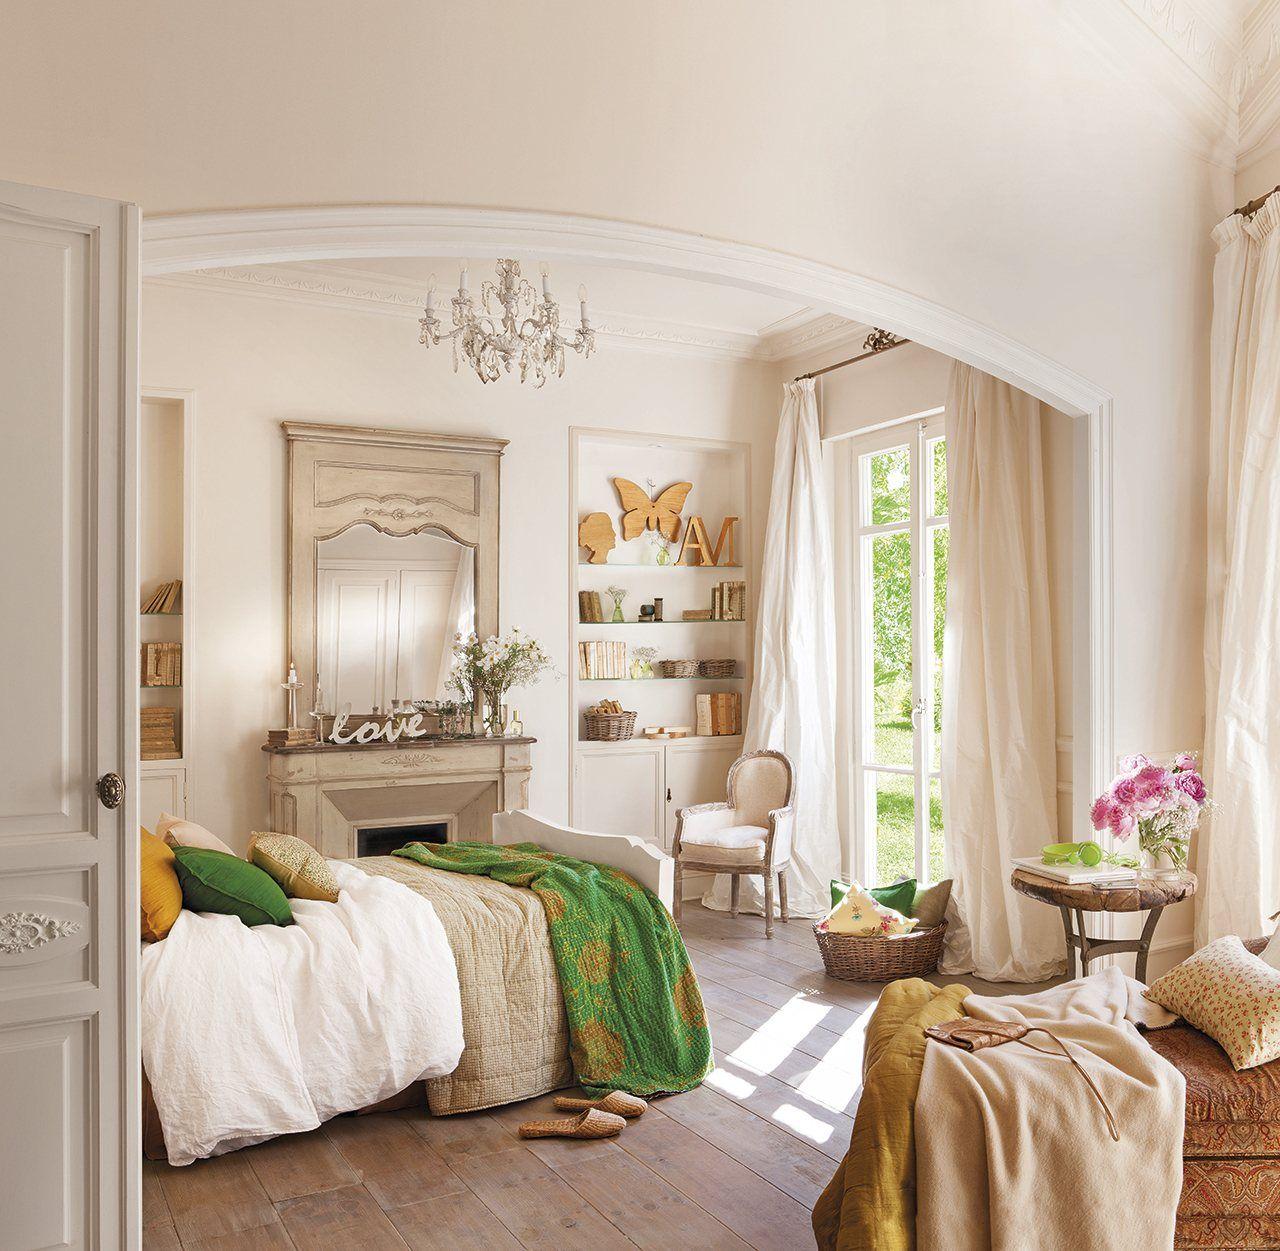 abitare decoraci n blog decorar dormitorios que asoman al. Black Bedroom Furniture Sets. Home Design Ideas